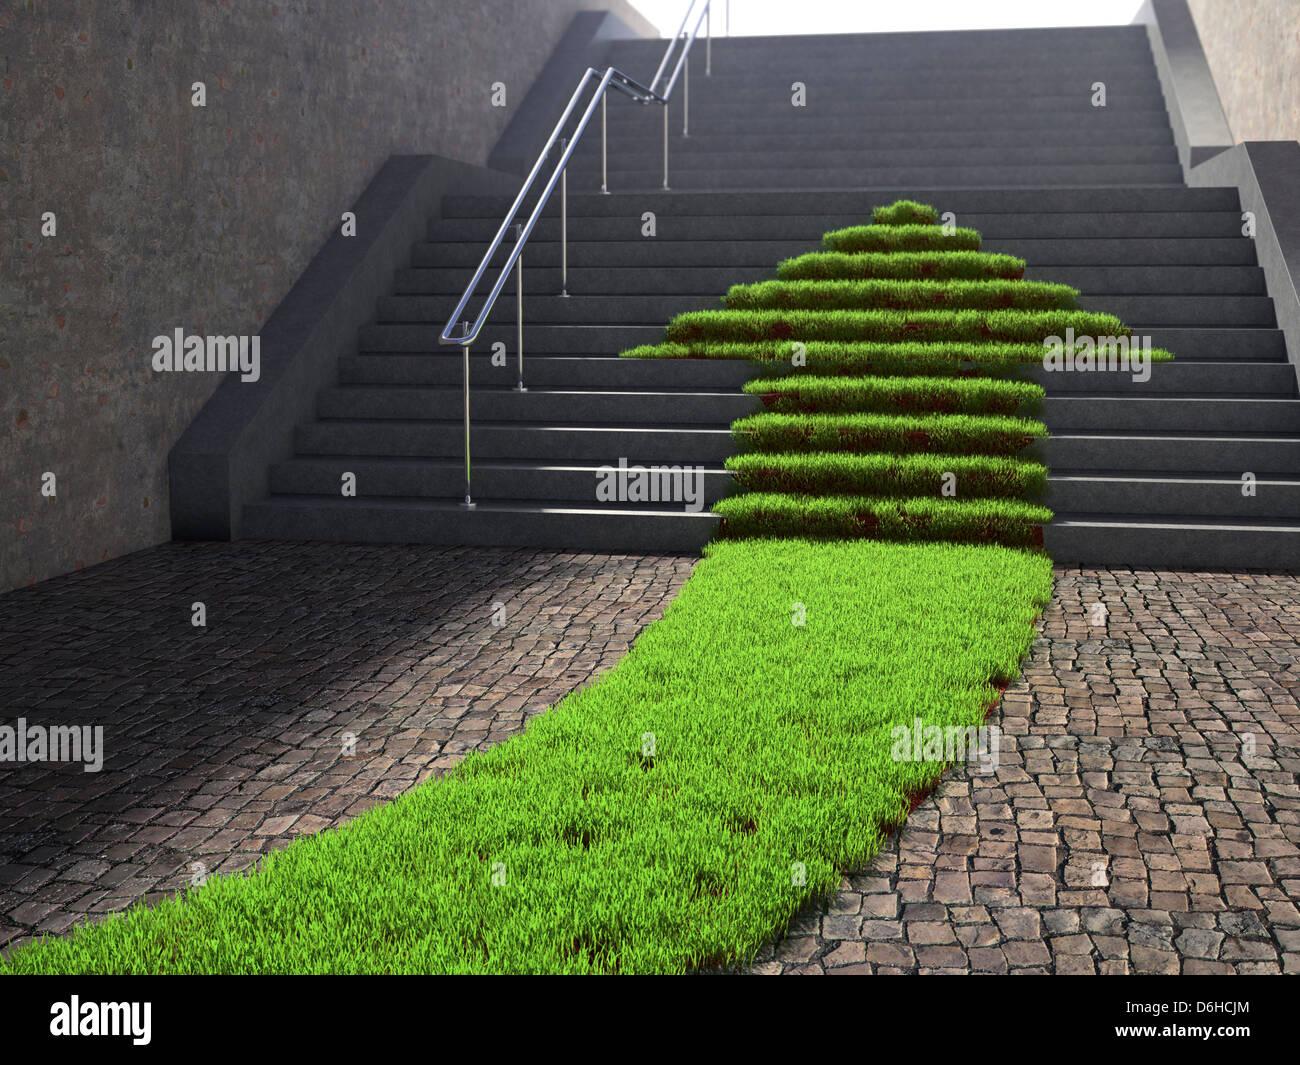 L'écologie urbaine, conceptual artwork Photo Stock